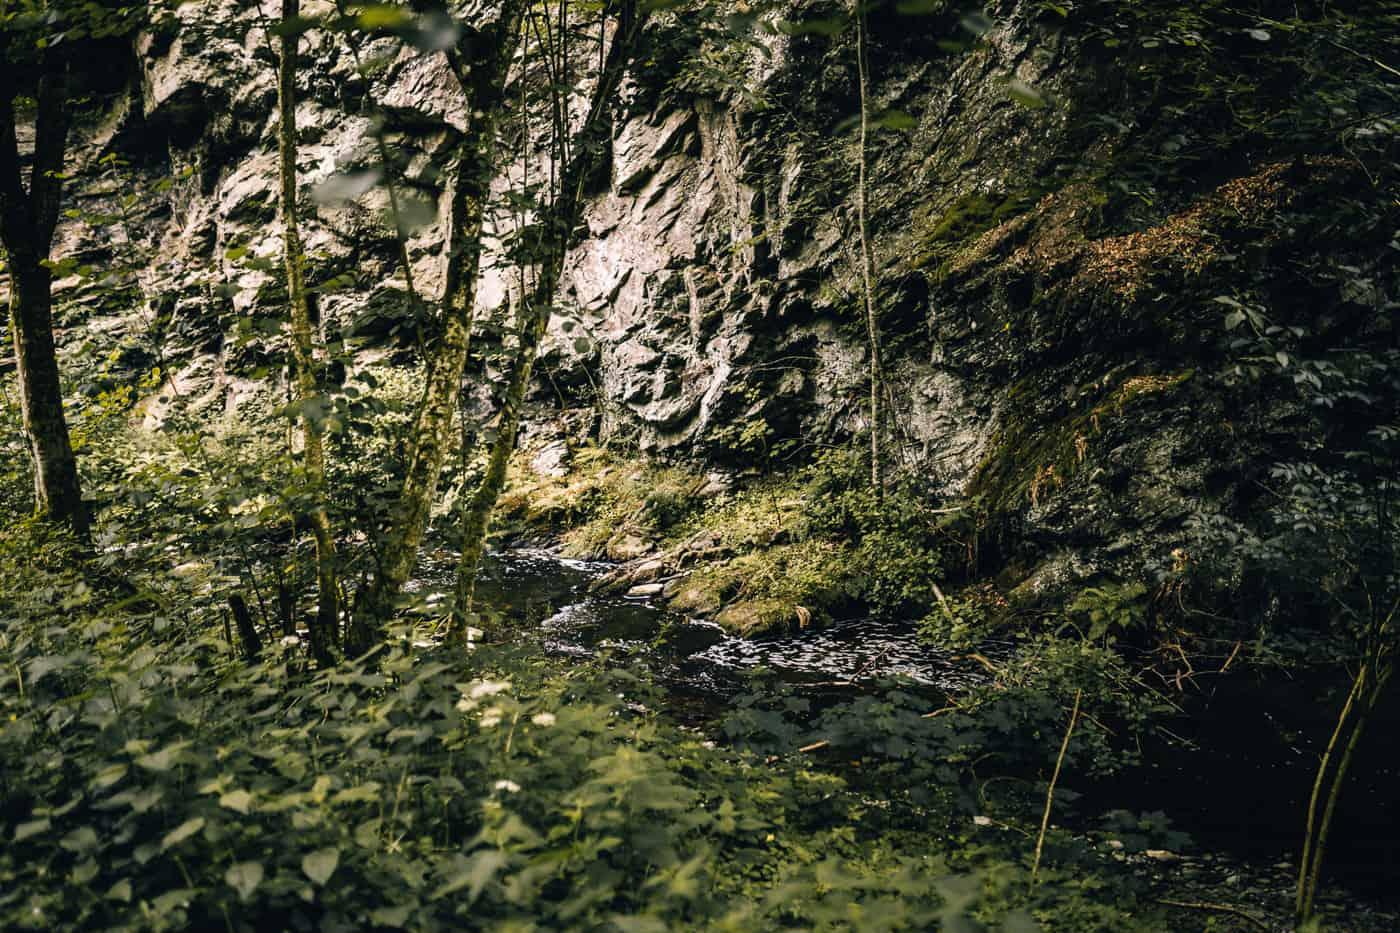 Baybachklamm Traumschleife Wanderung - Von der Baybachklamm ins Prinzbachtal